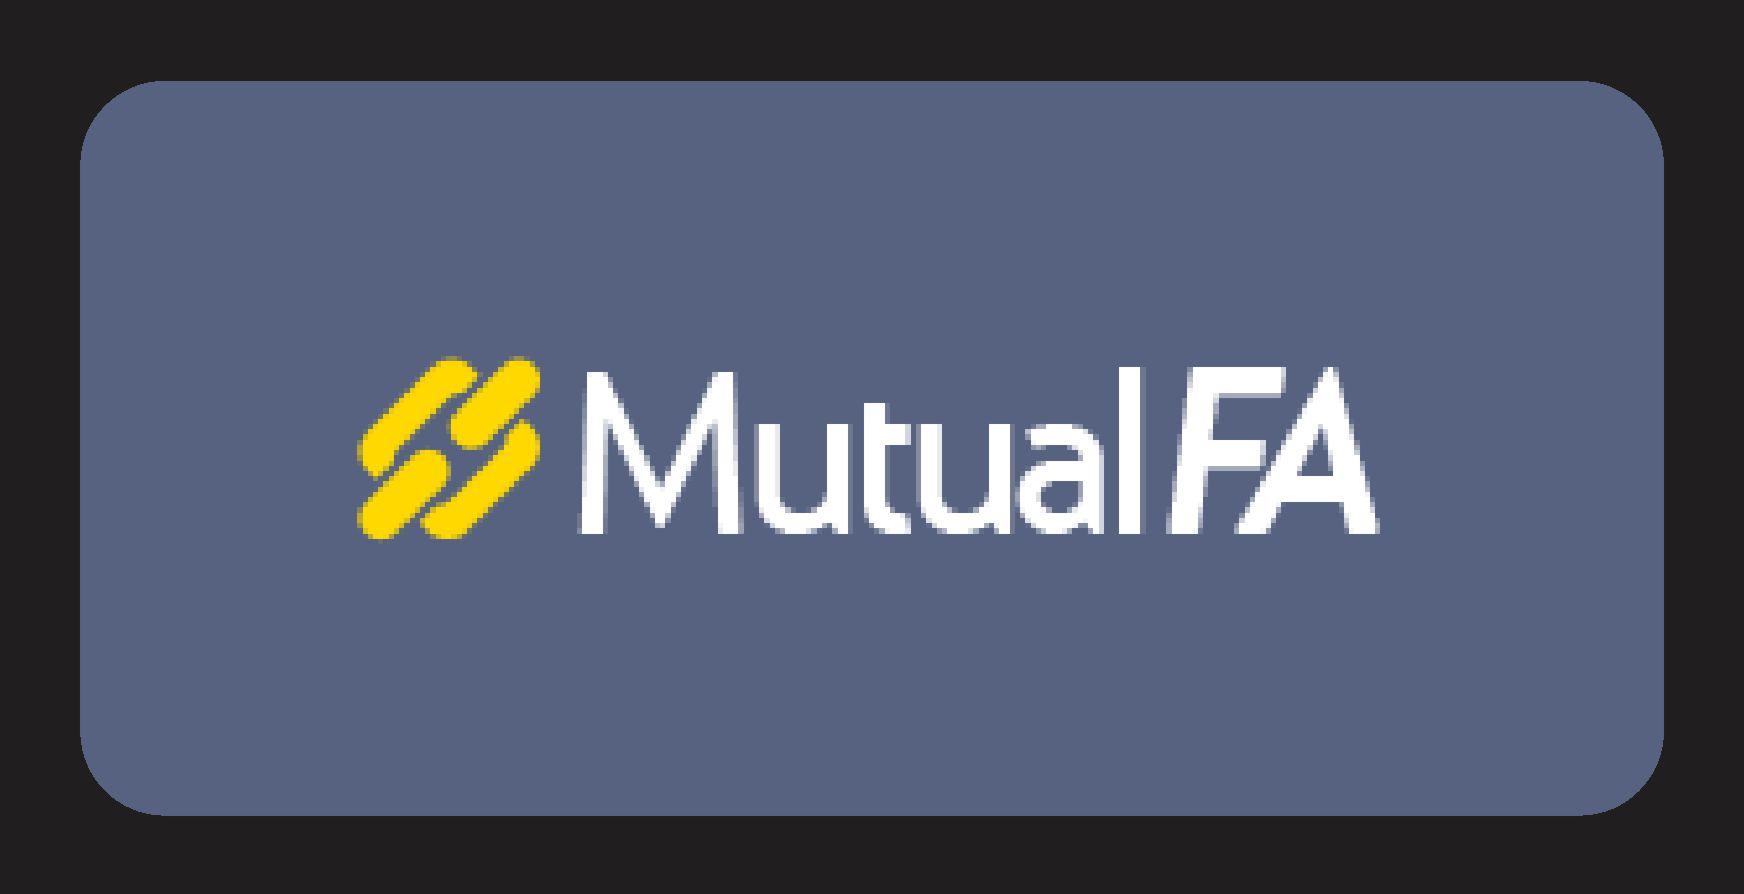 Mutual_FA